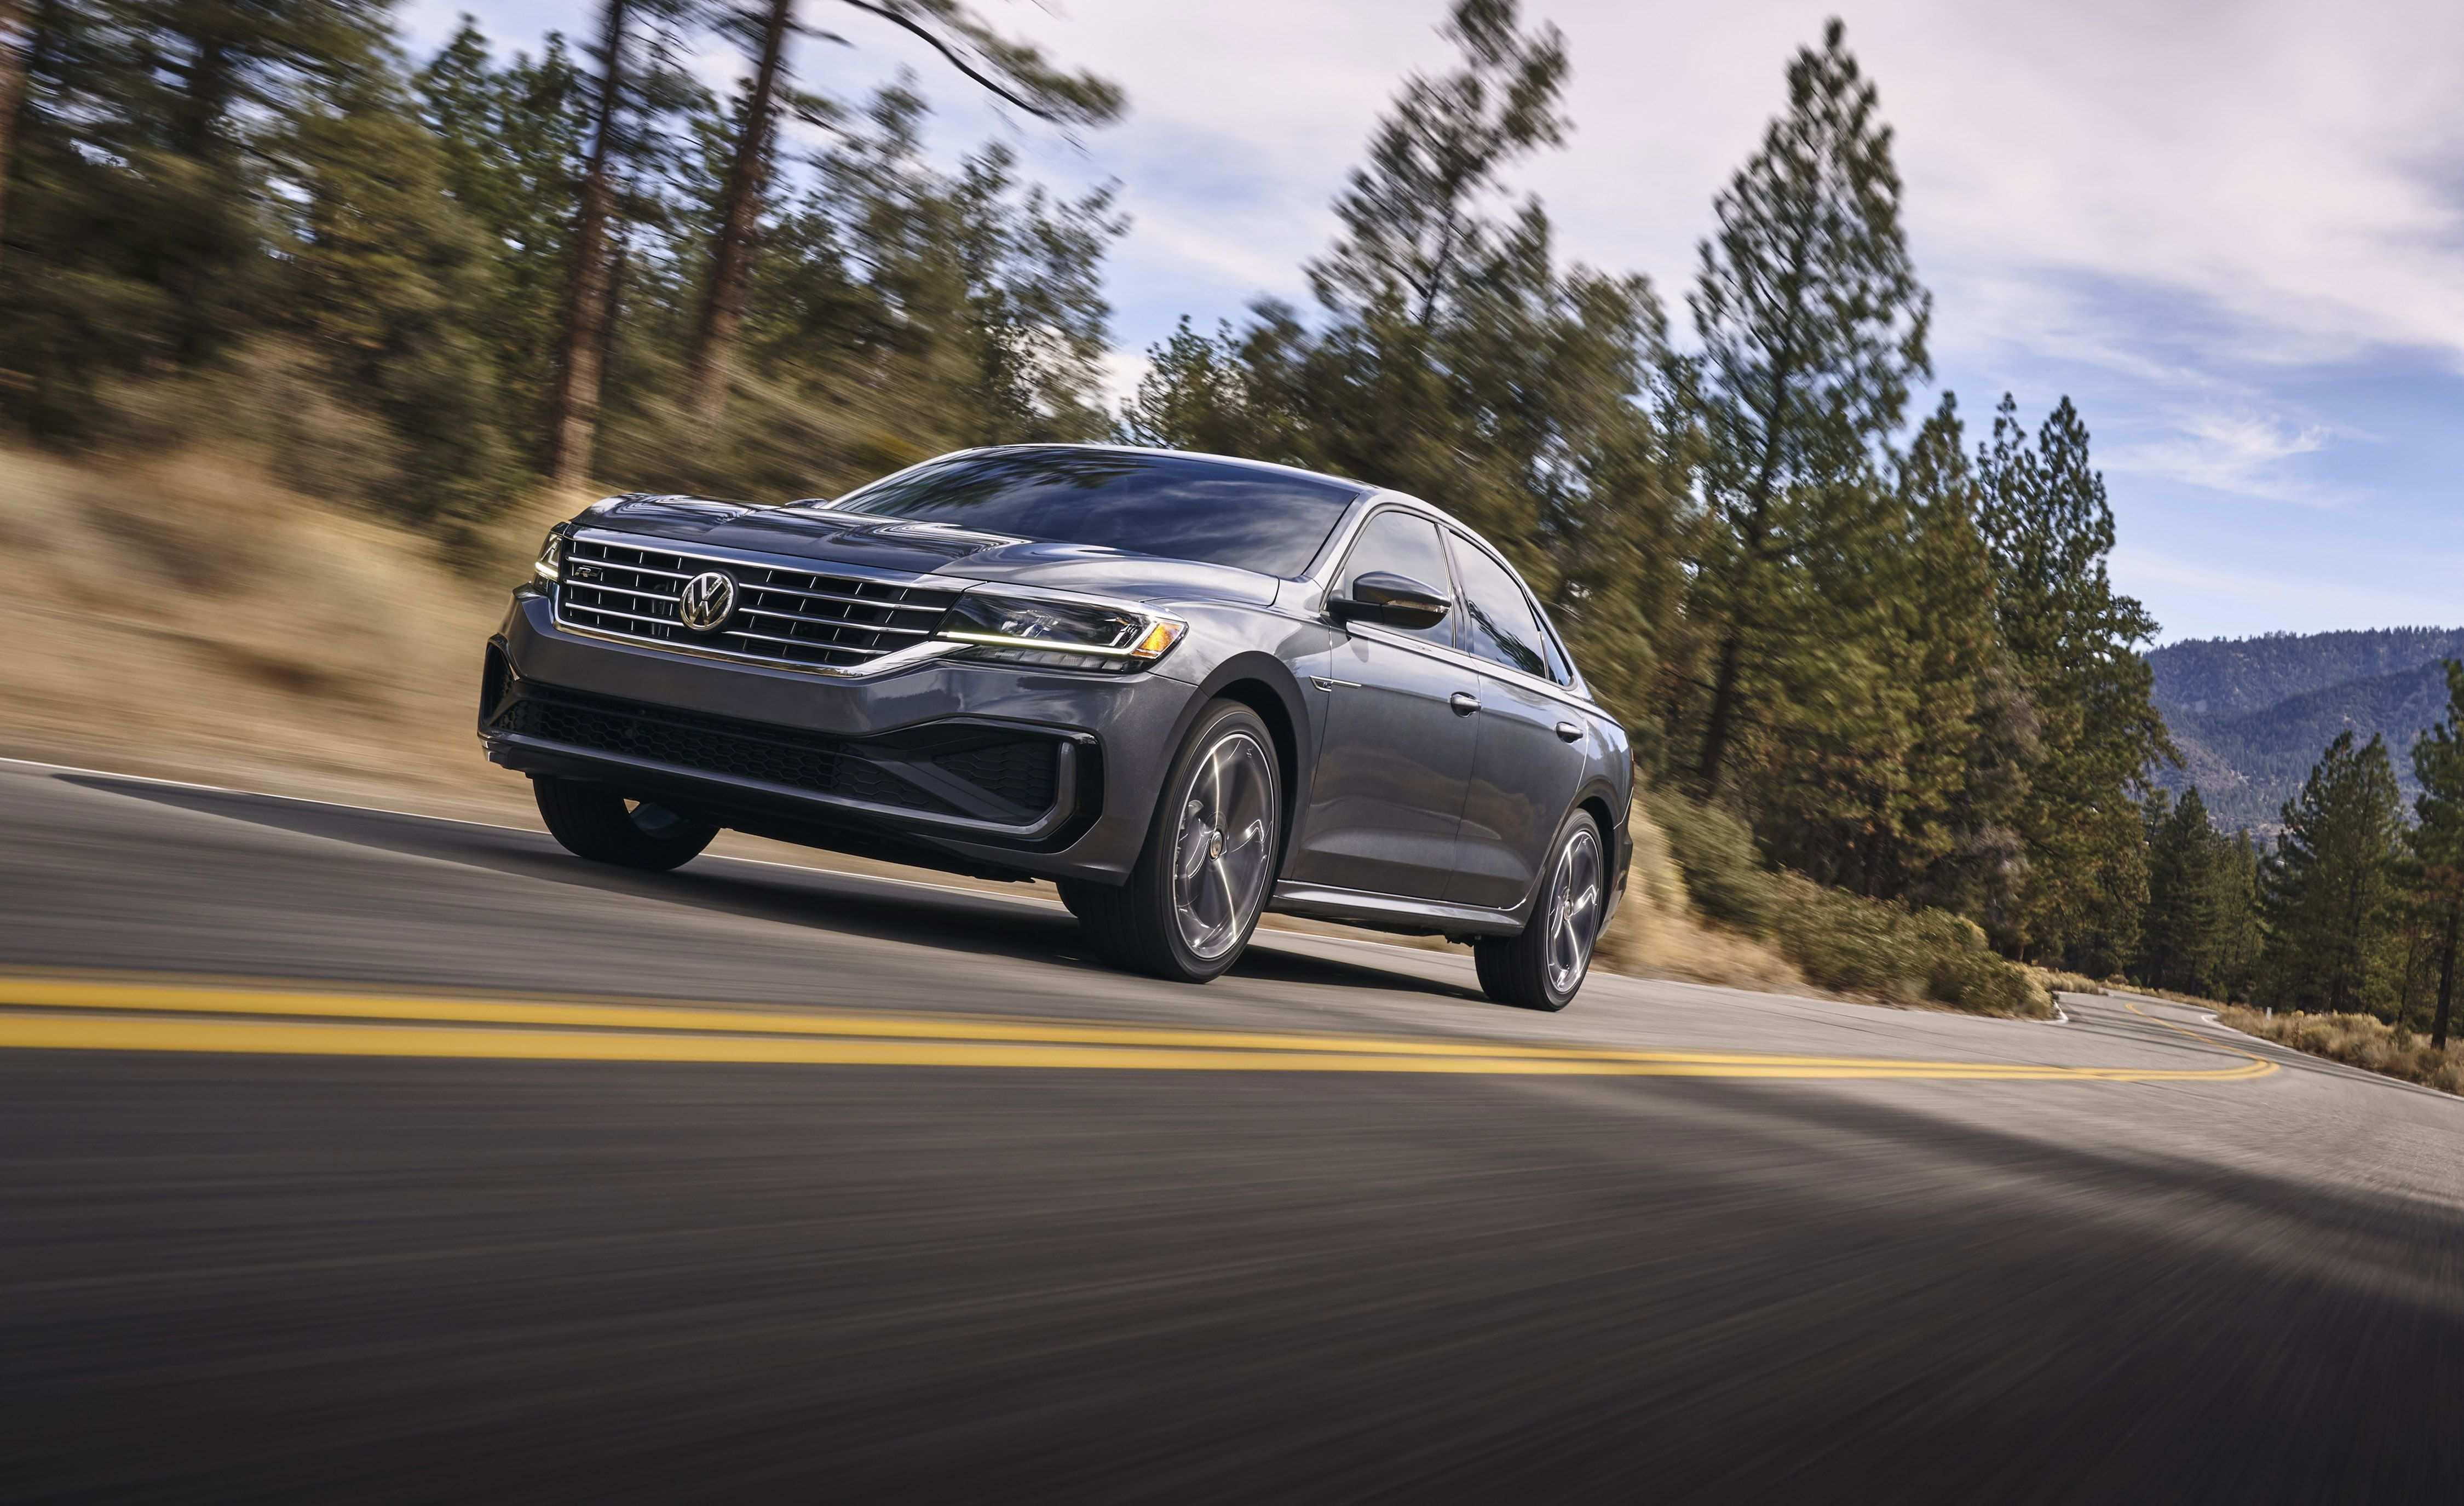 96 All New Volkswagen Passat 2020 New Concept Performance by Volkswagen Passat 2020 New Concept